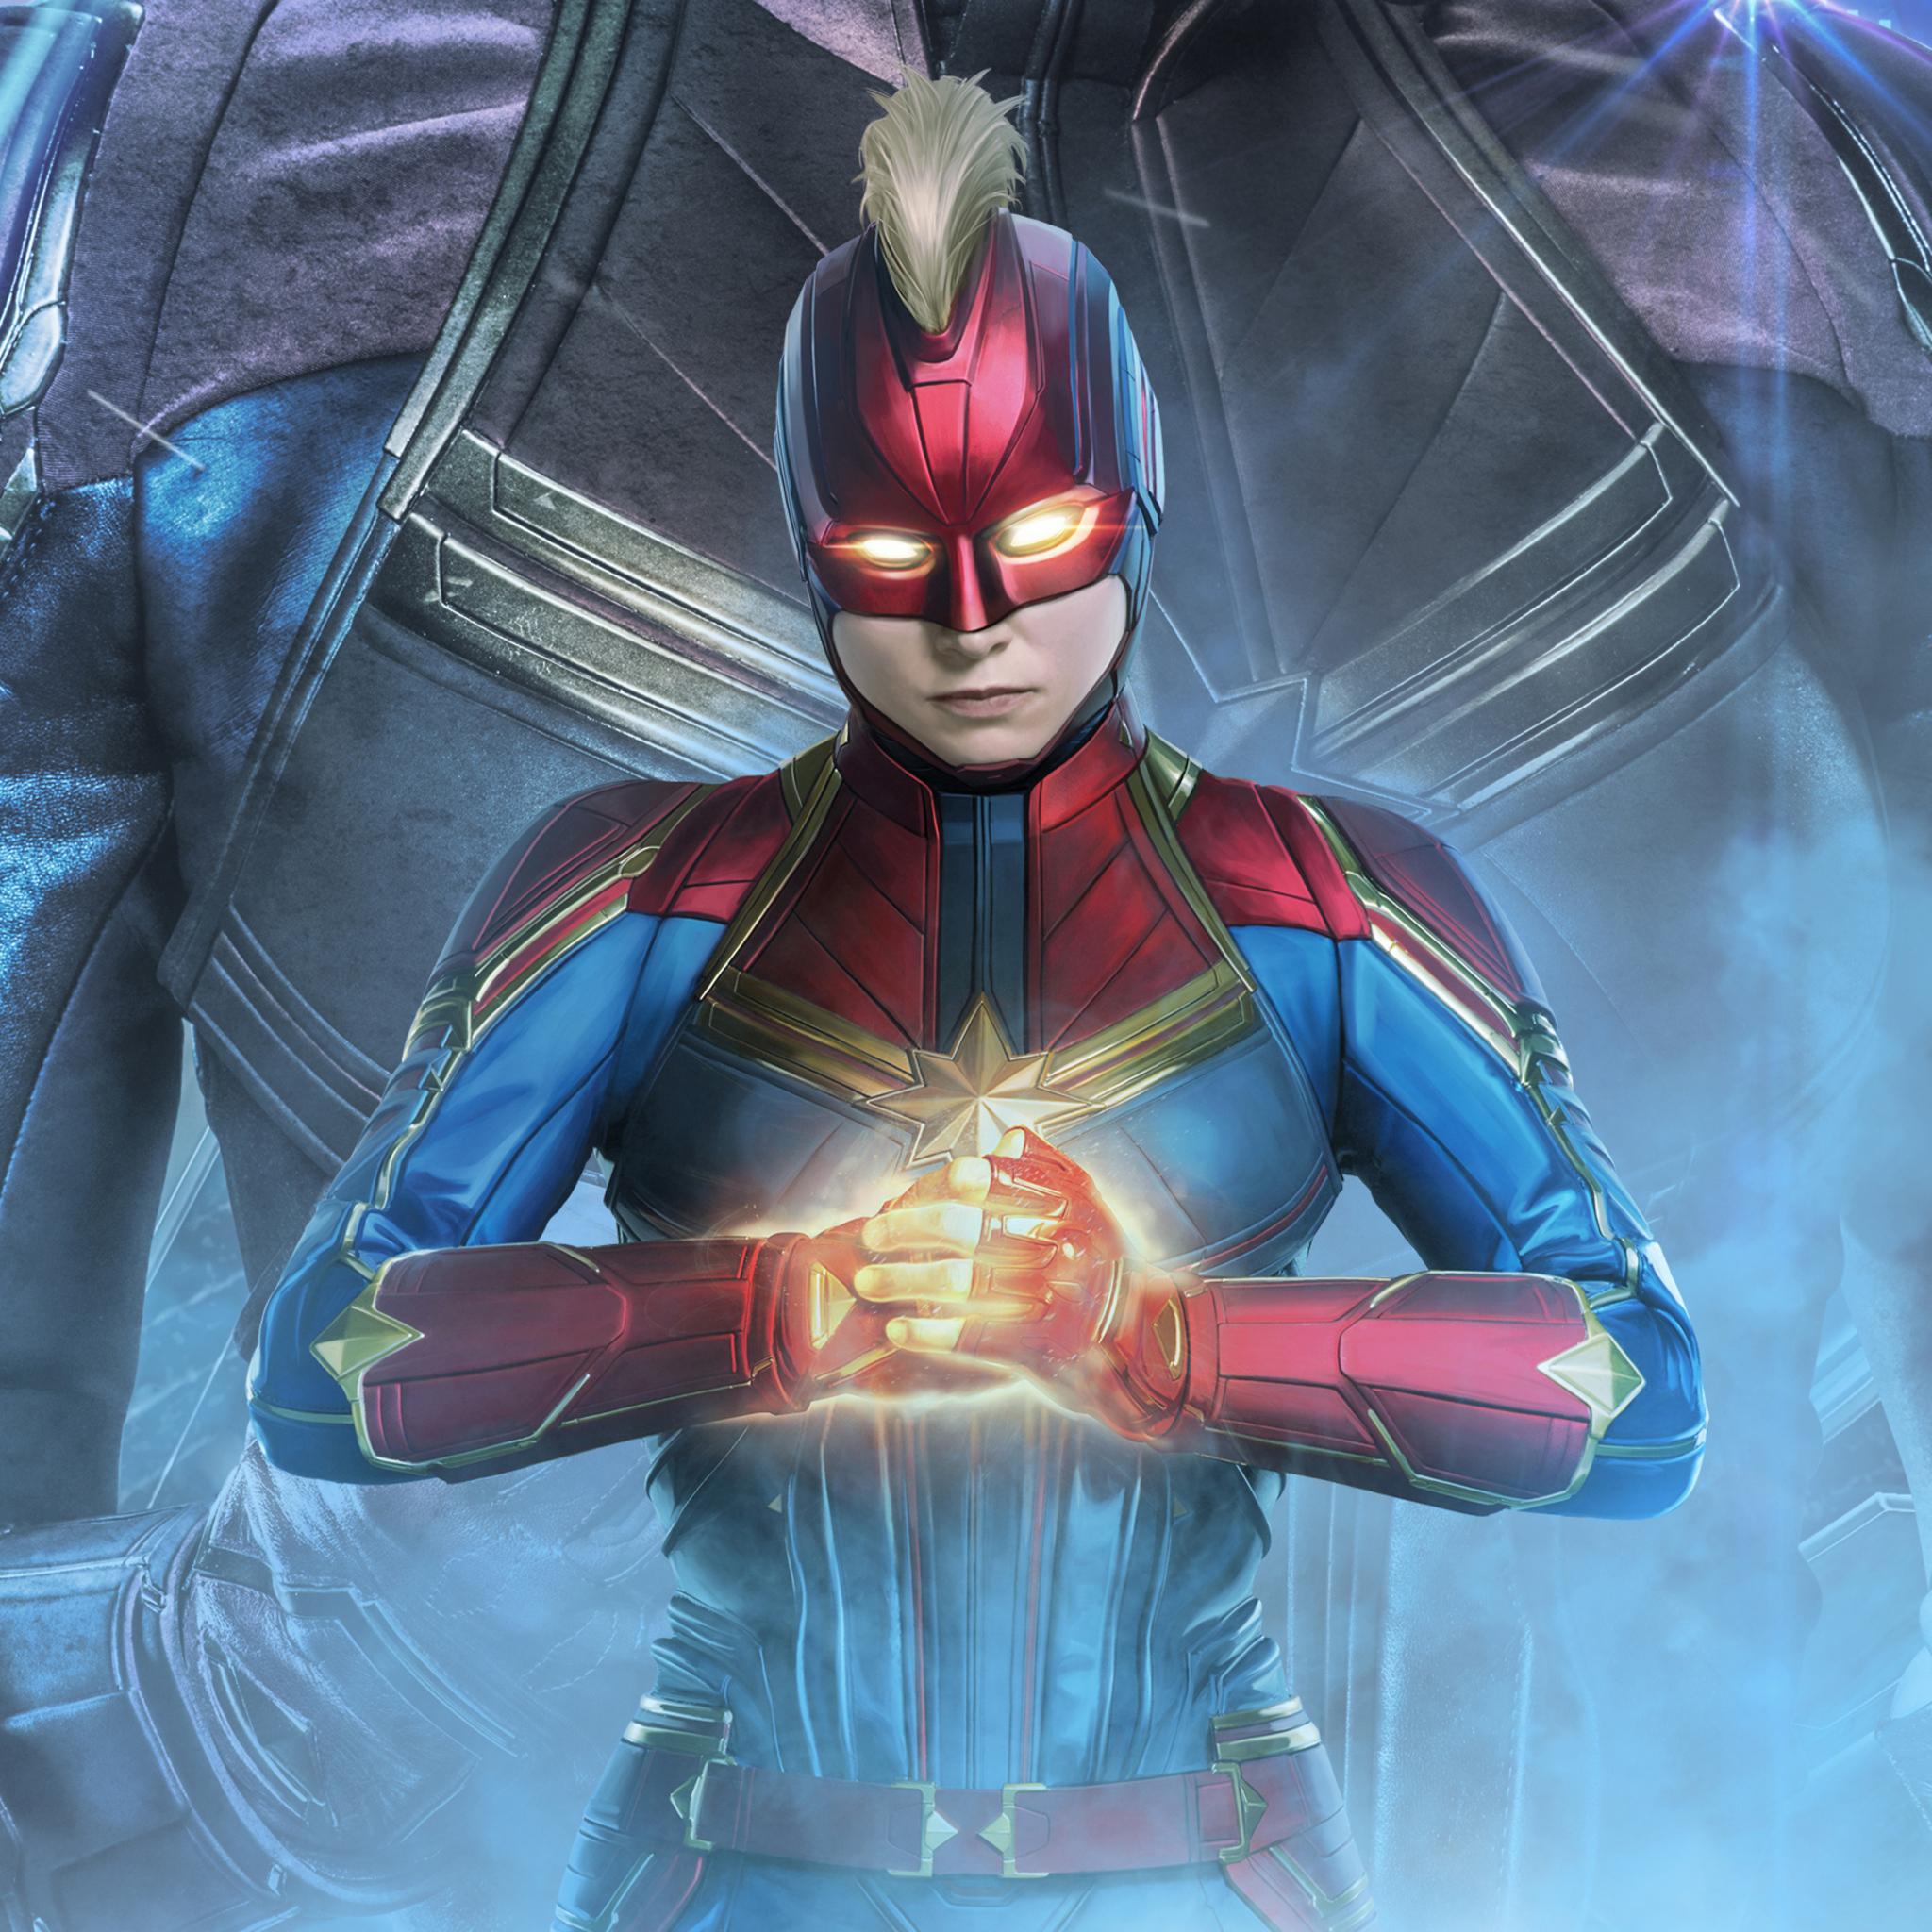 Download Captain Marvel Avengers Endgame Wallpaper ...